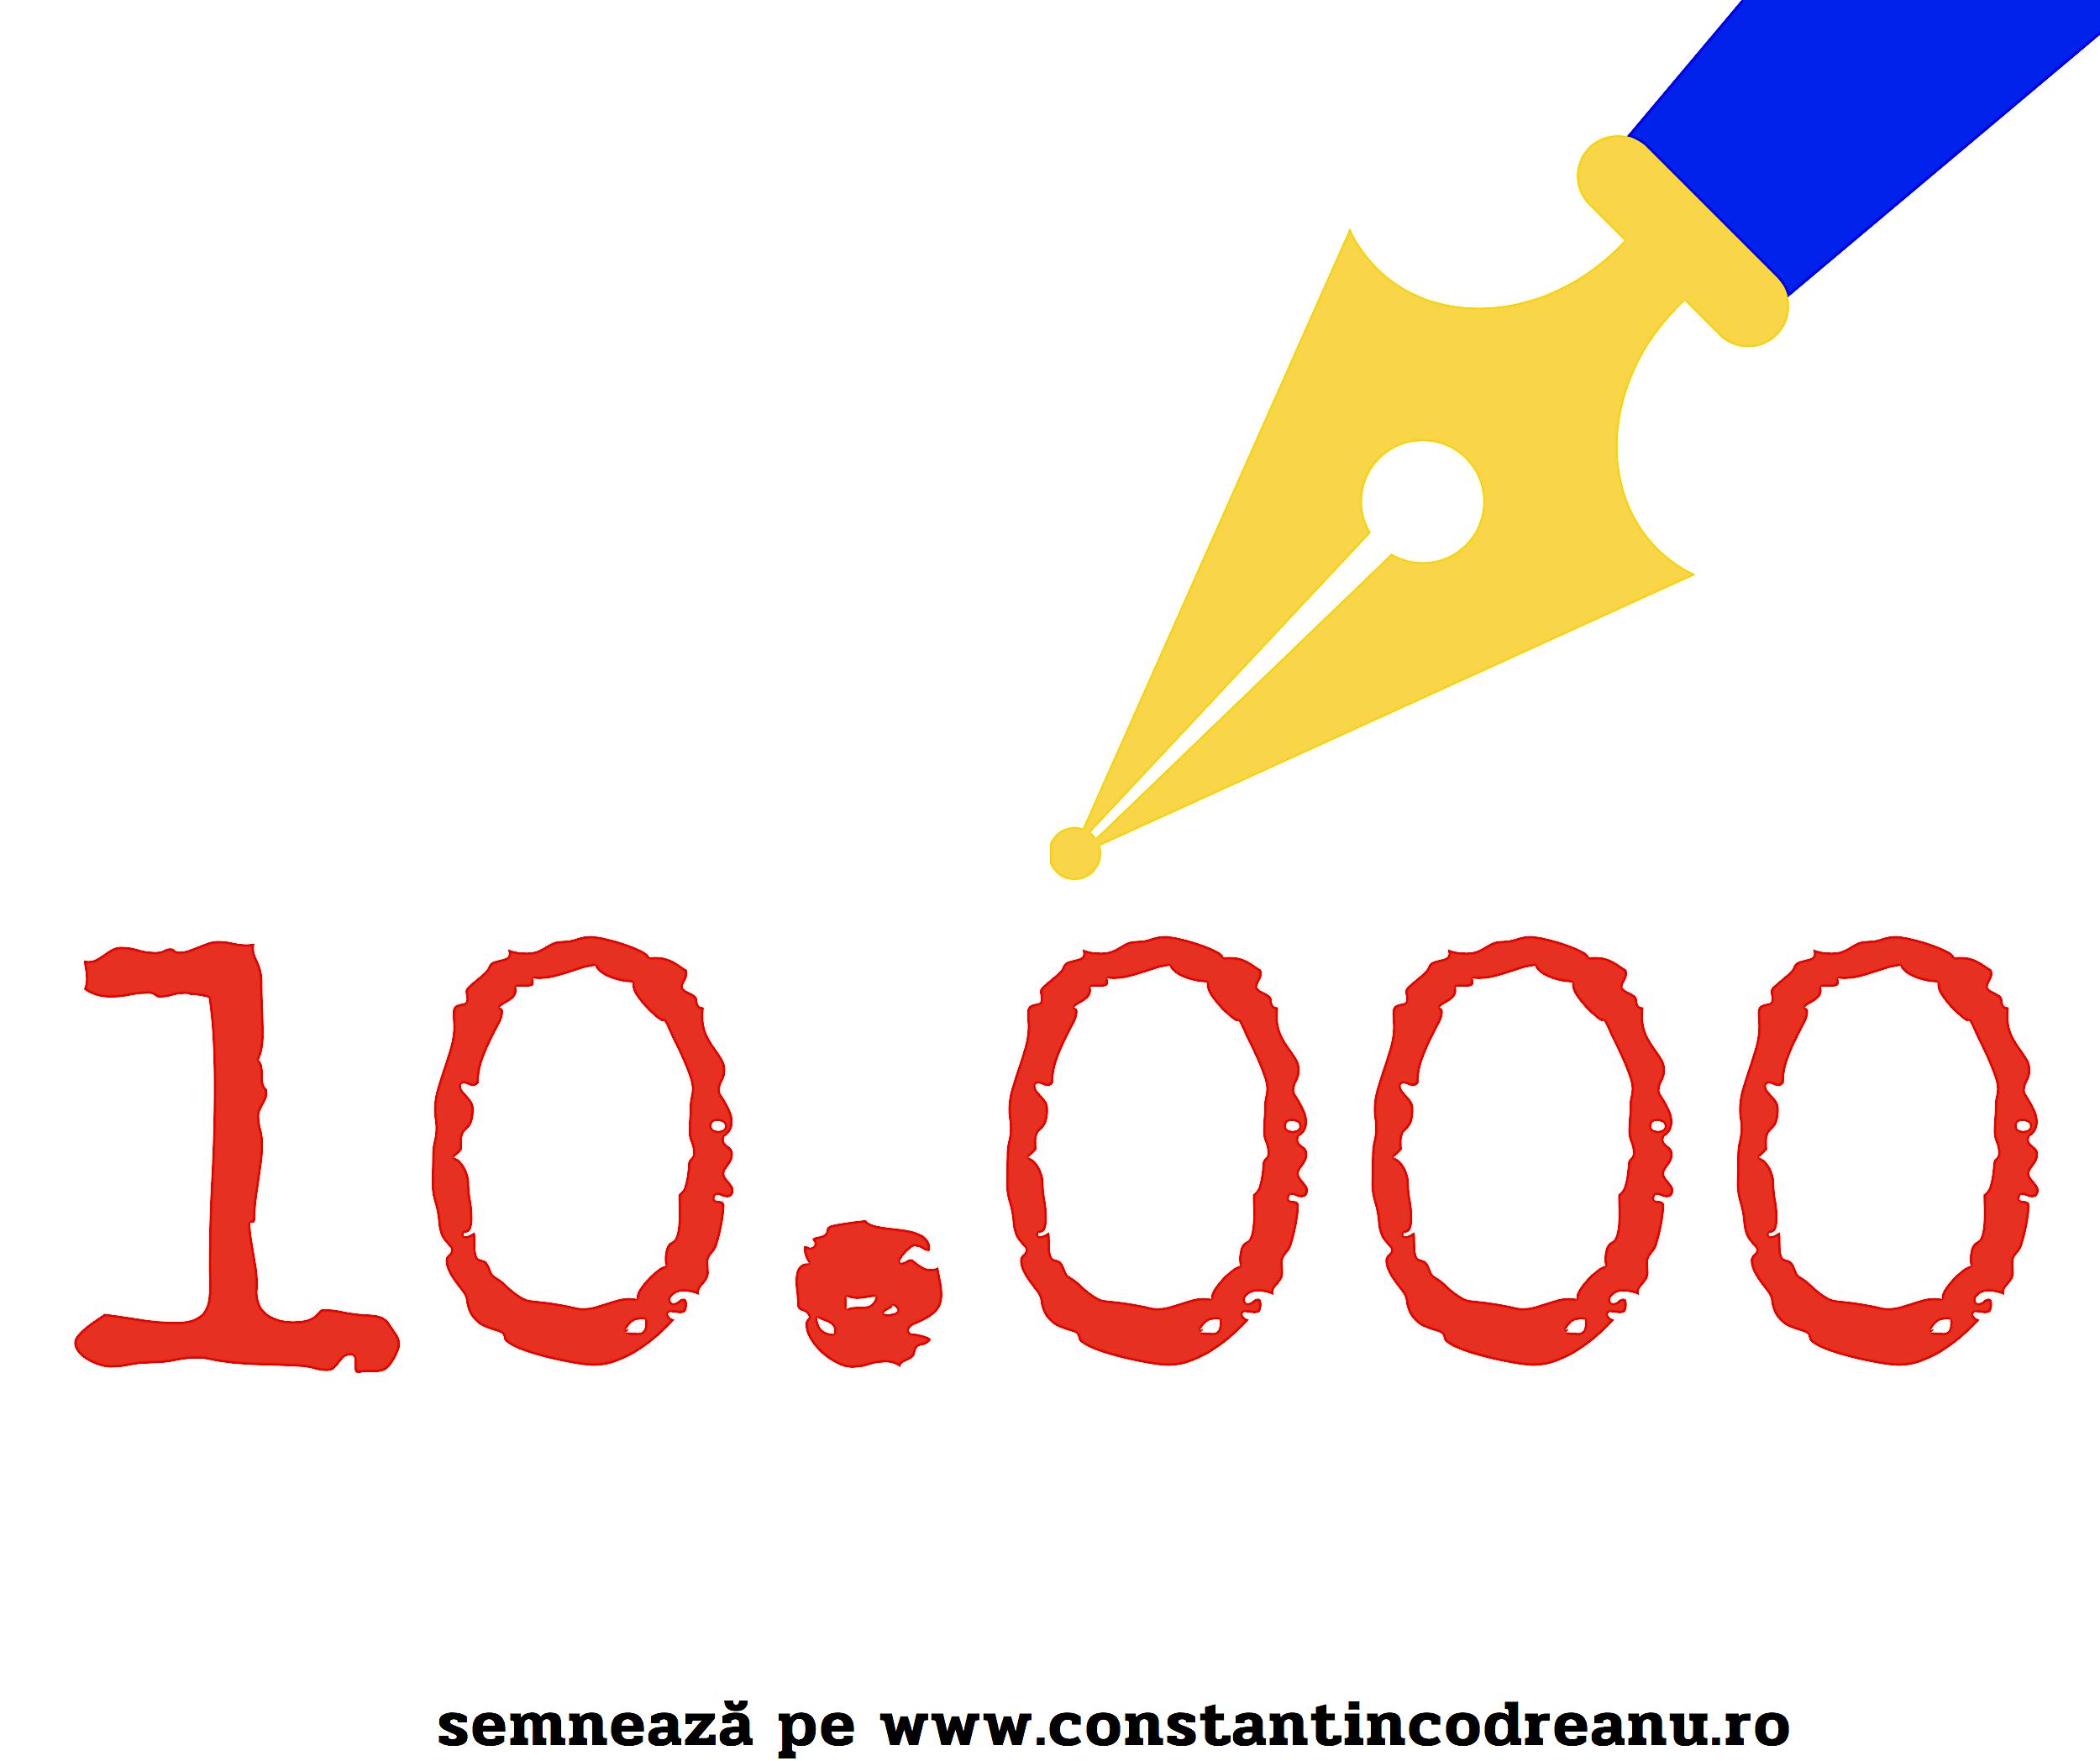 Petiție Autoritatea Națională pentru Cetățenie Constantin Codreanu